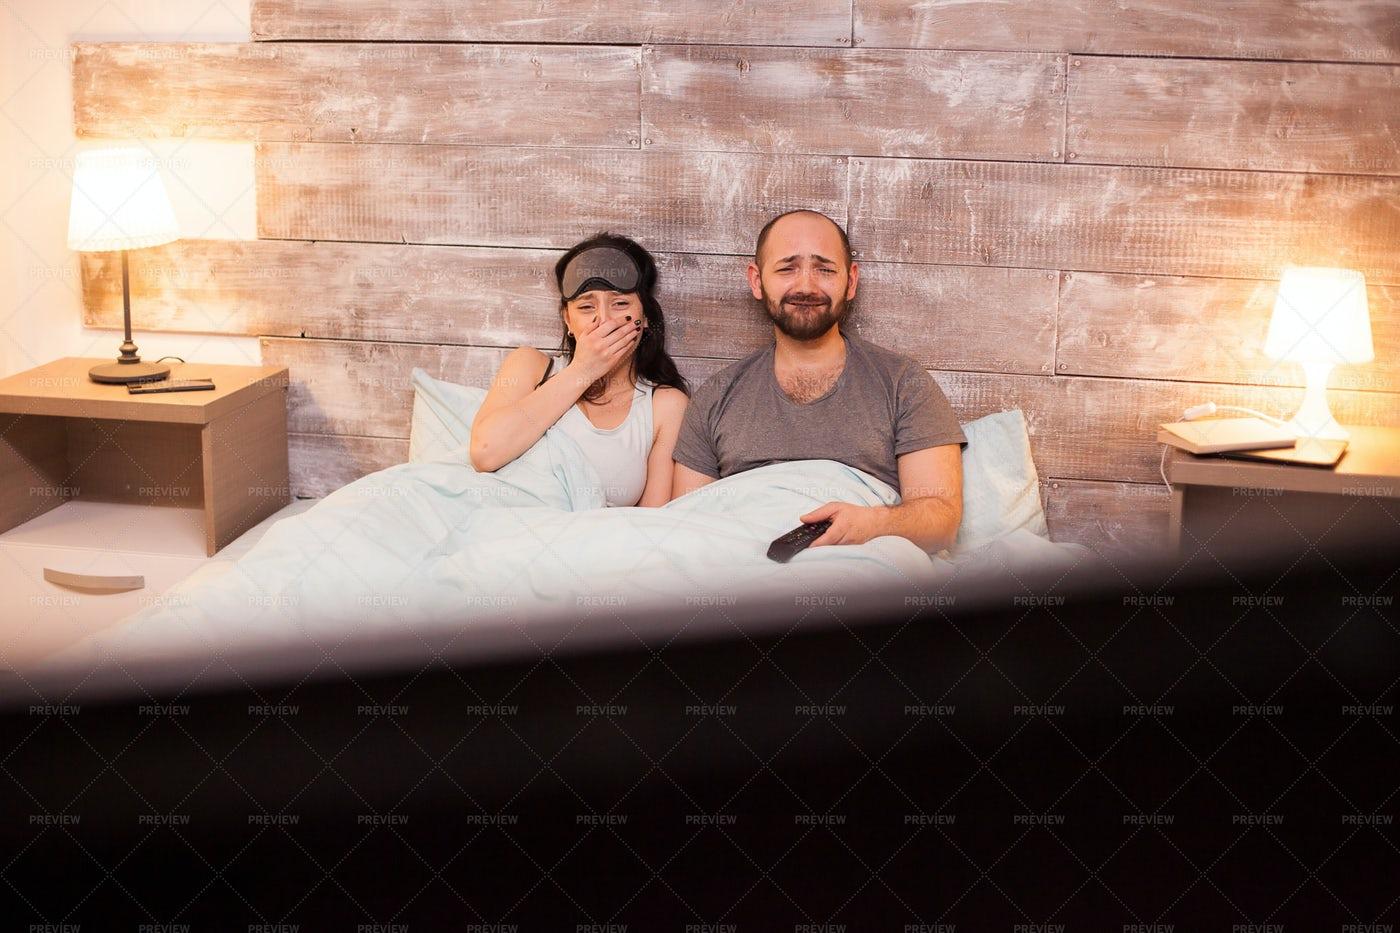 Emotional Couple In Pajamas: Stock Photos